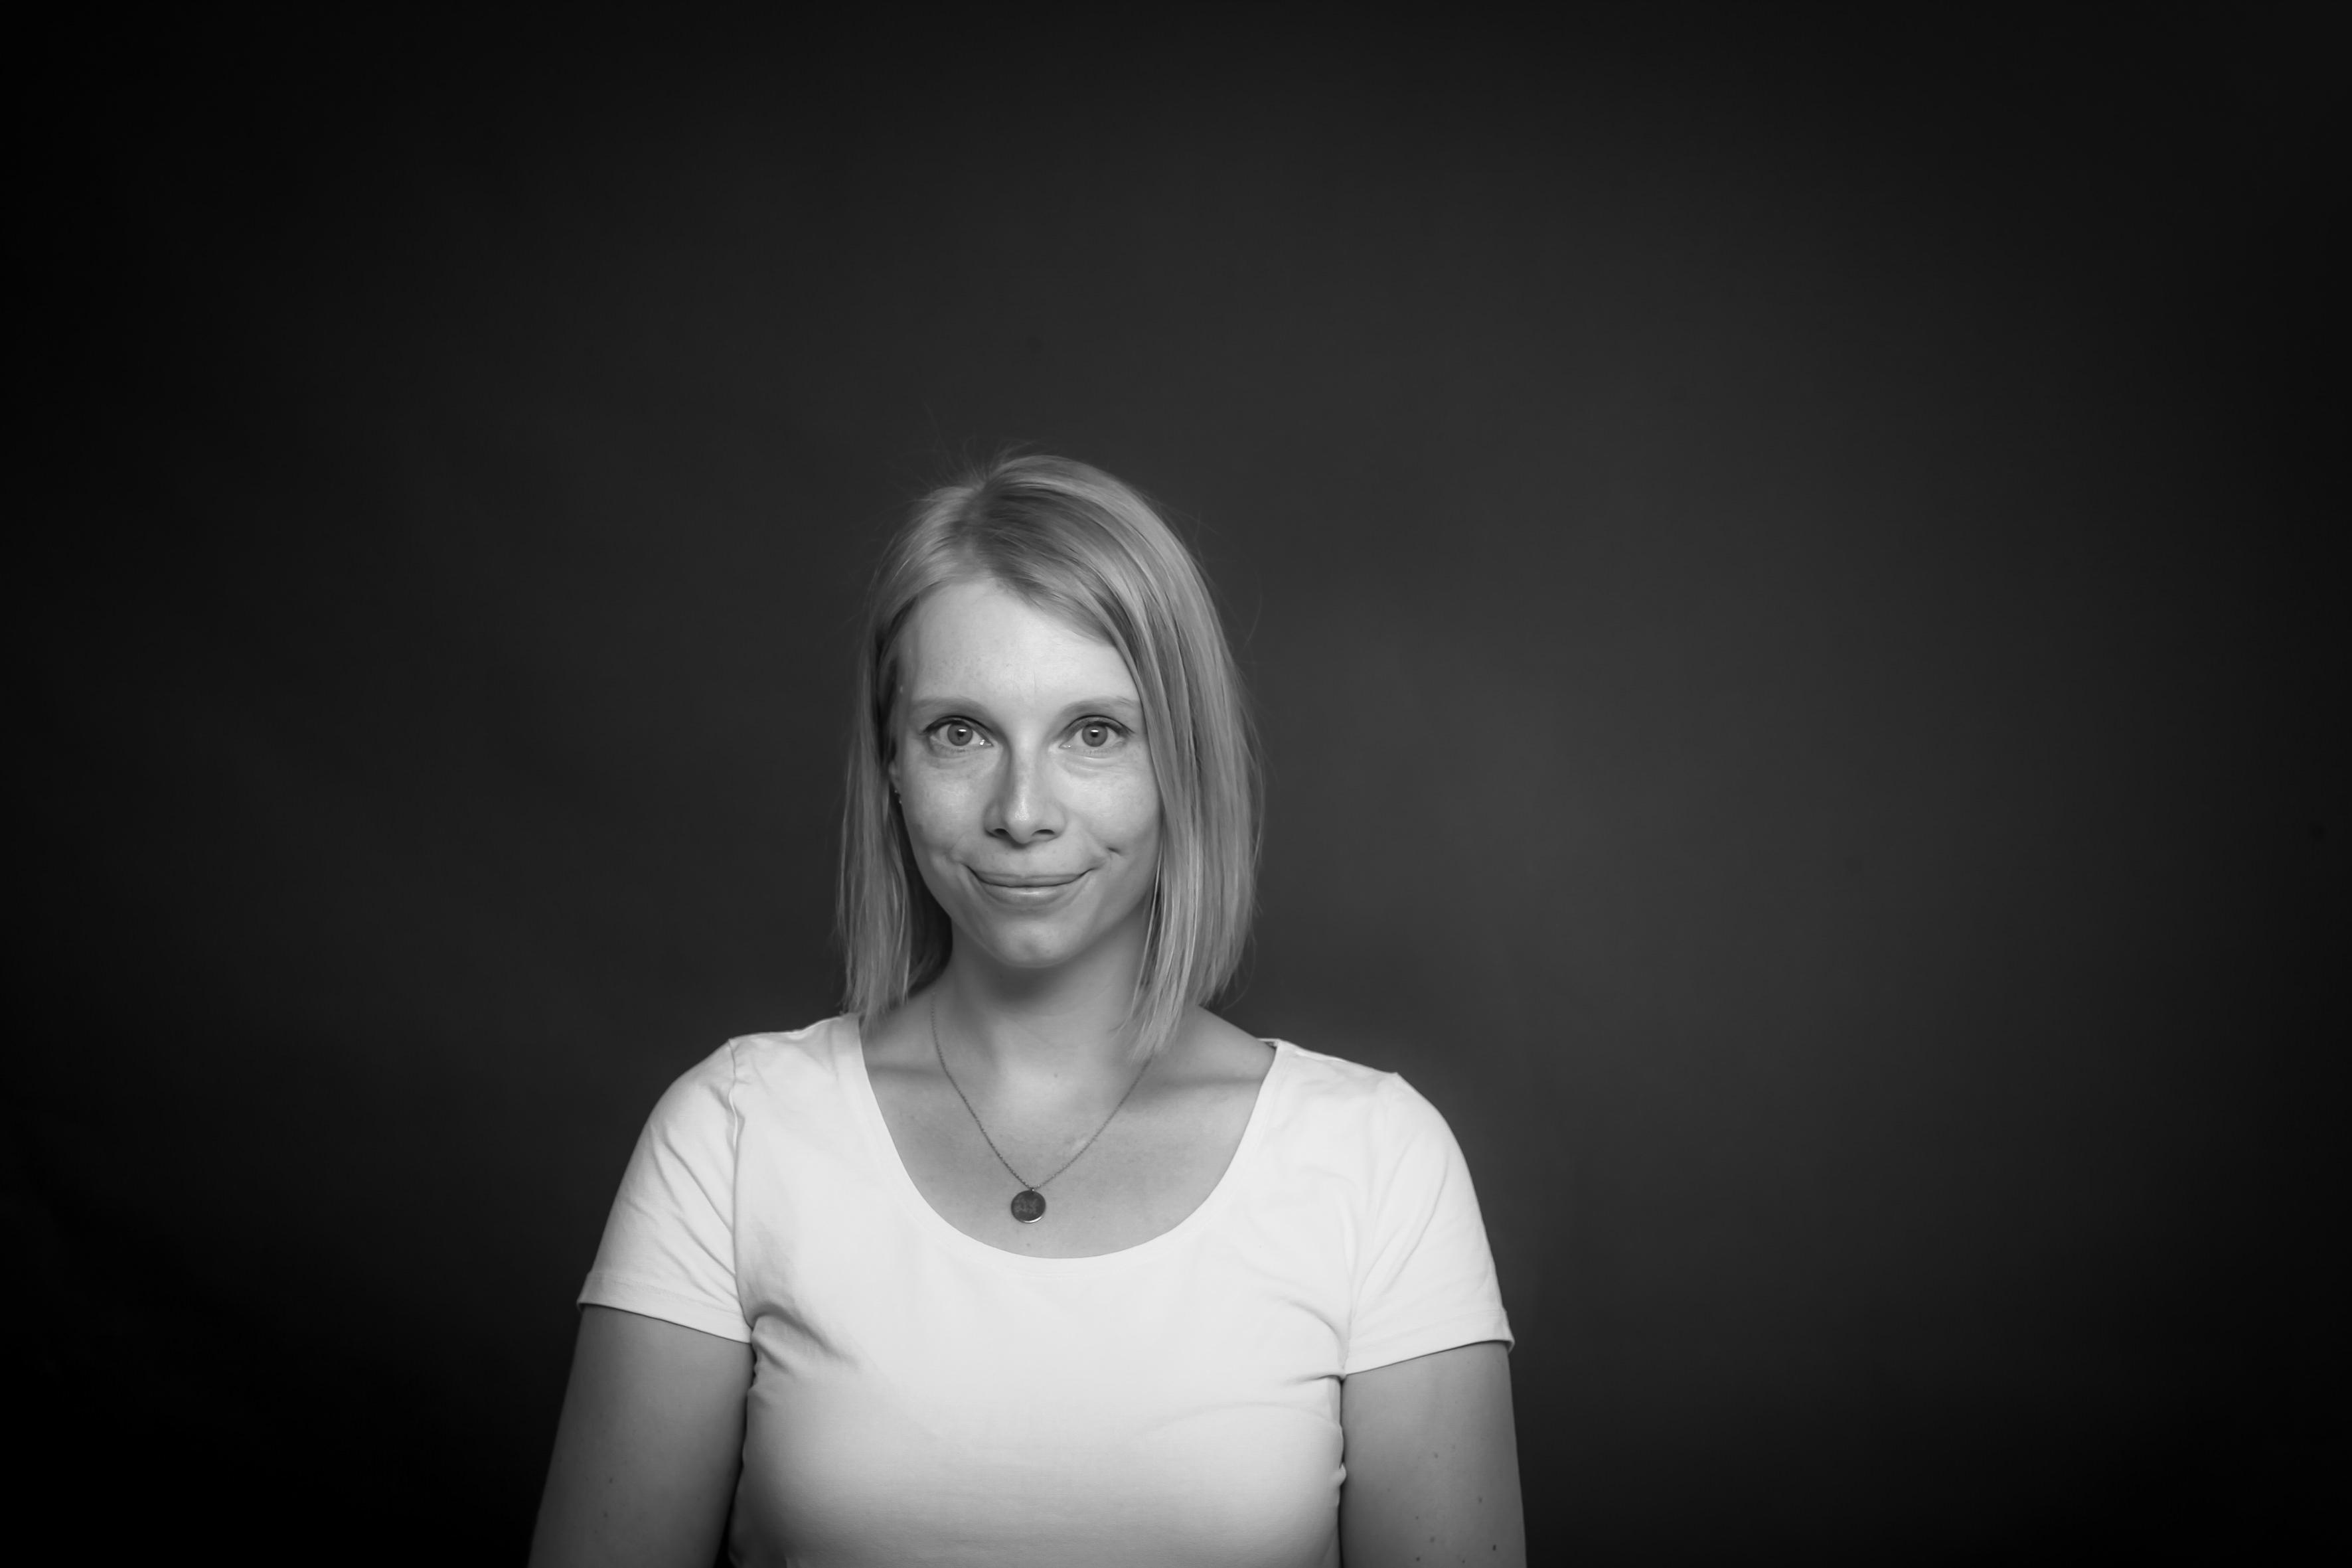 Silvia Atzlinger